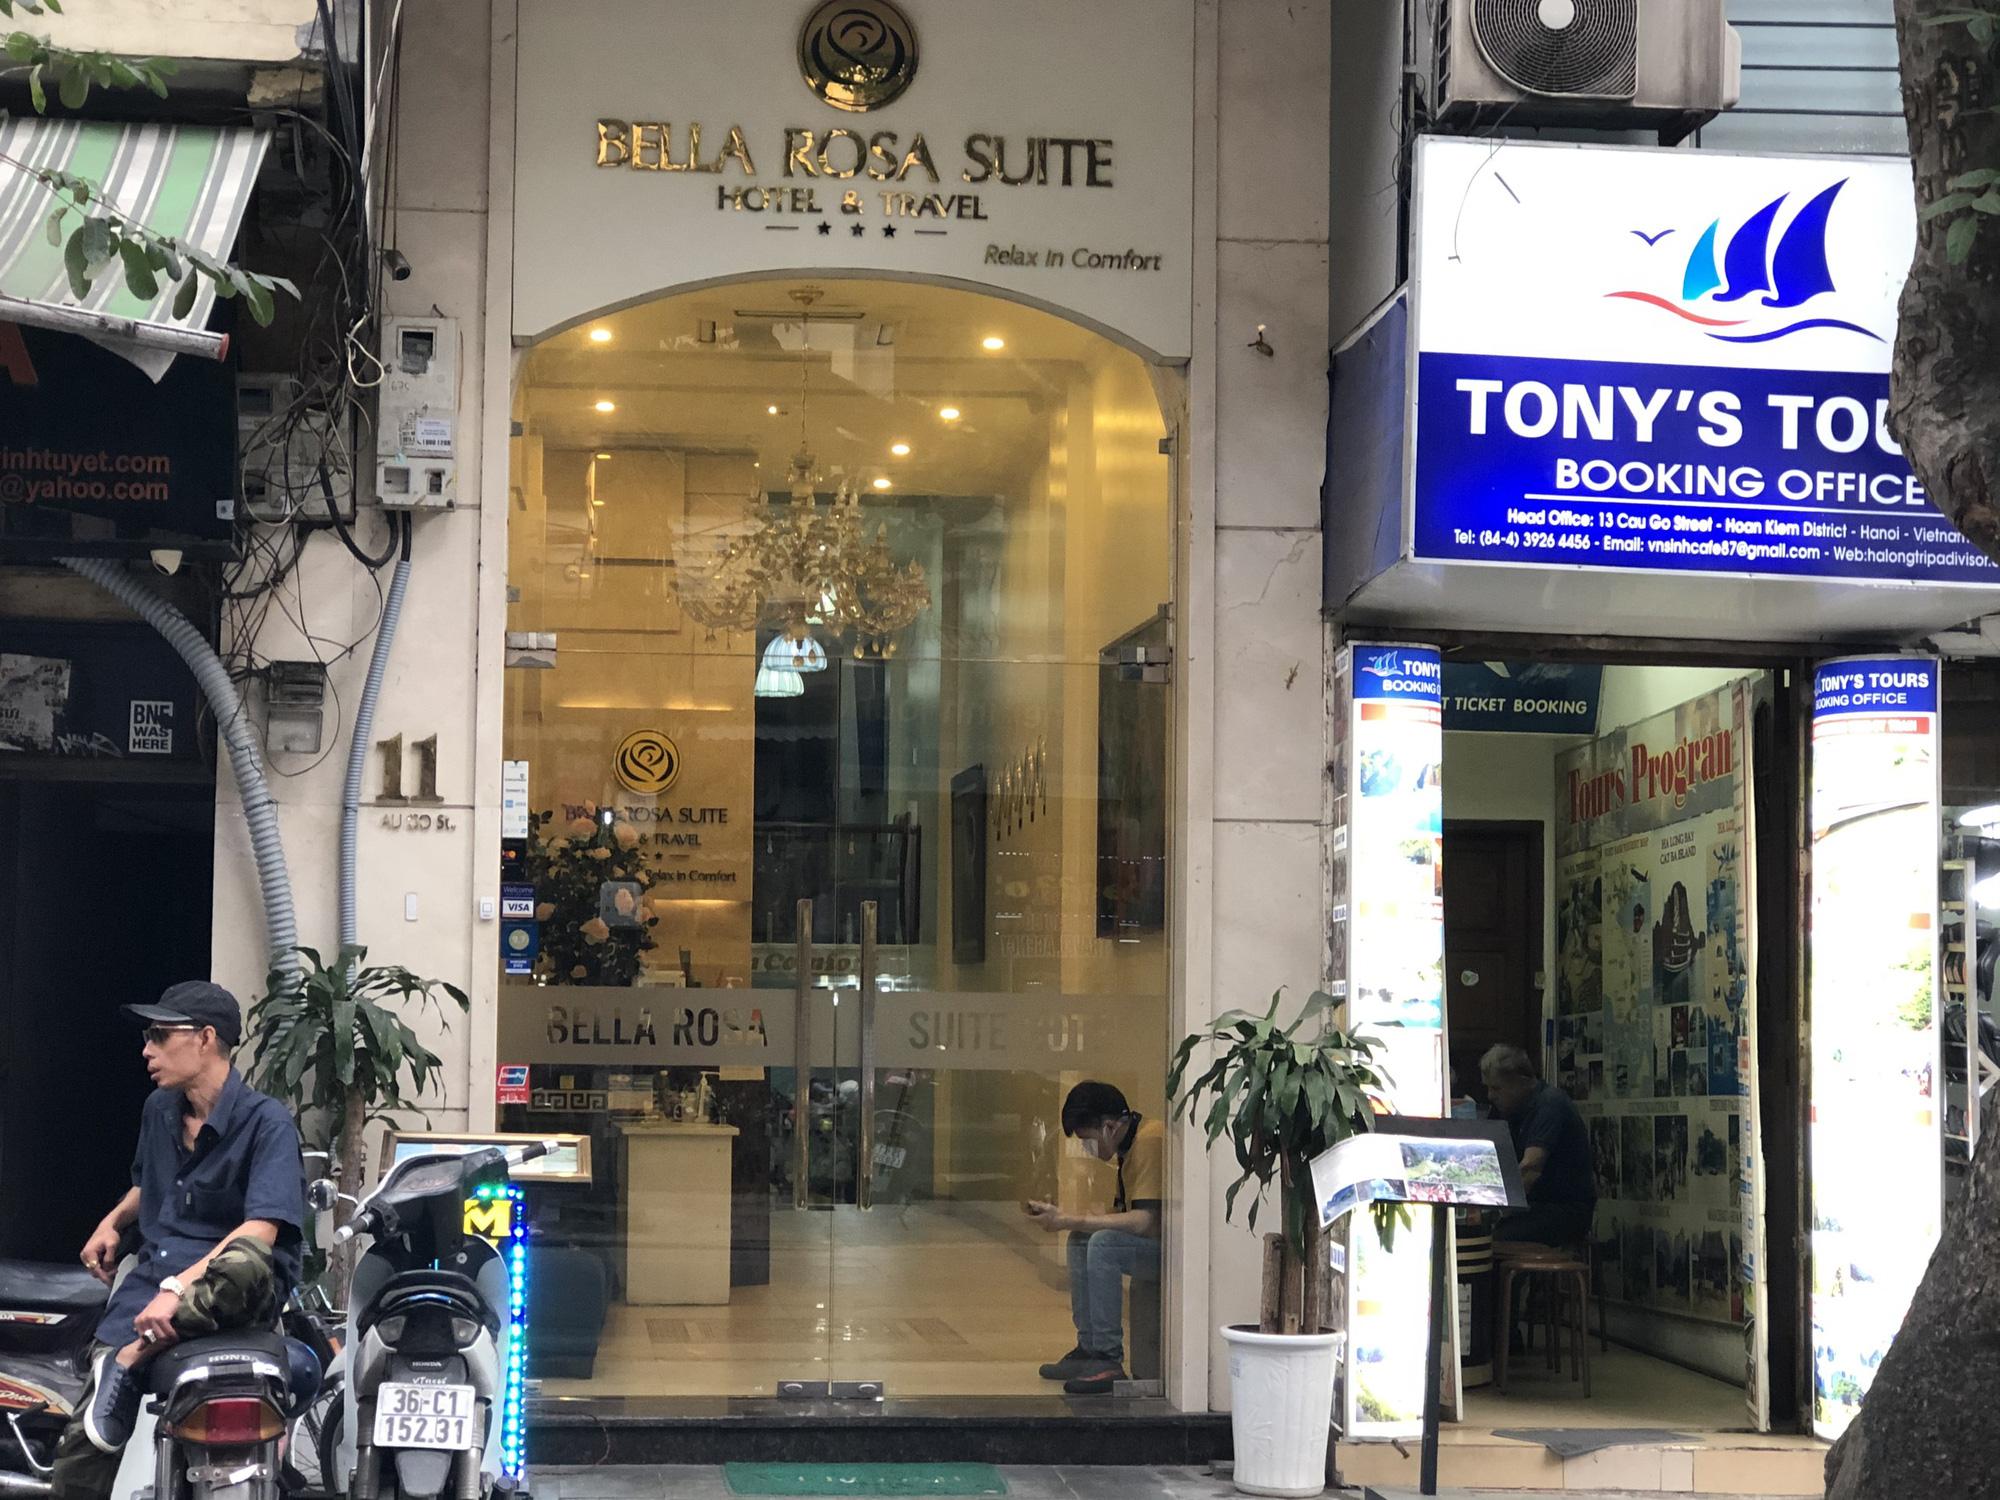 Hàng loạt khách sạn phố cổ Hà Nội đóng cửa, nhiều nơi giảm giá đến 60% để hút khách giữa mùa dịch virus corona - Ảnh 6.